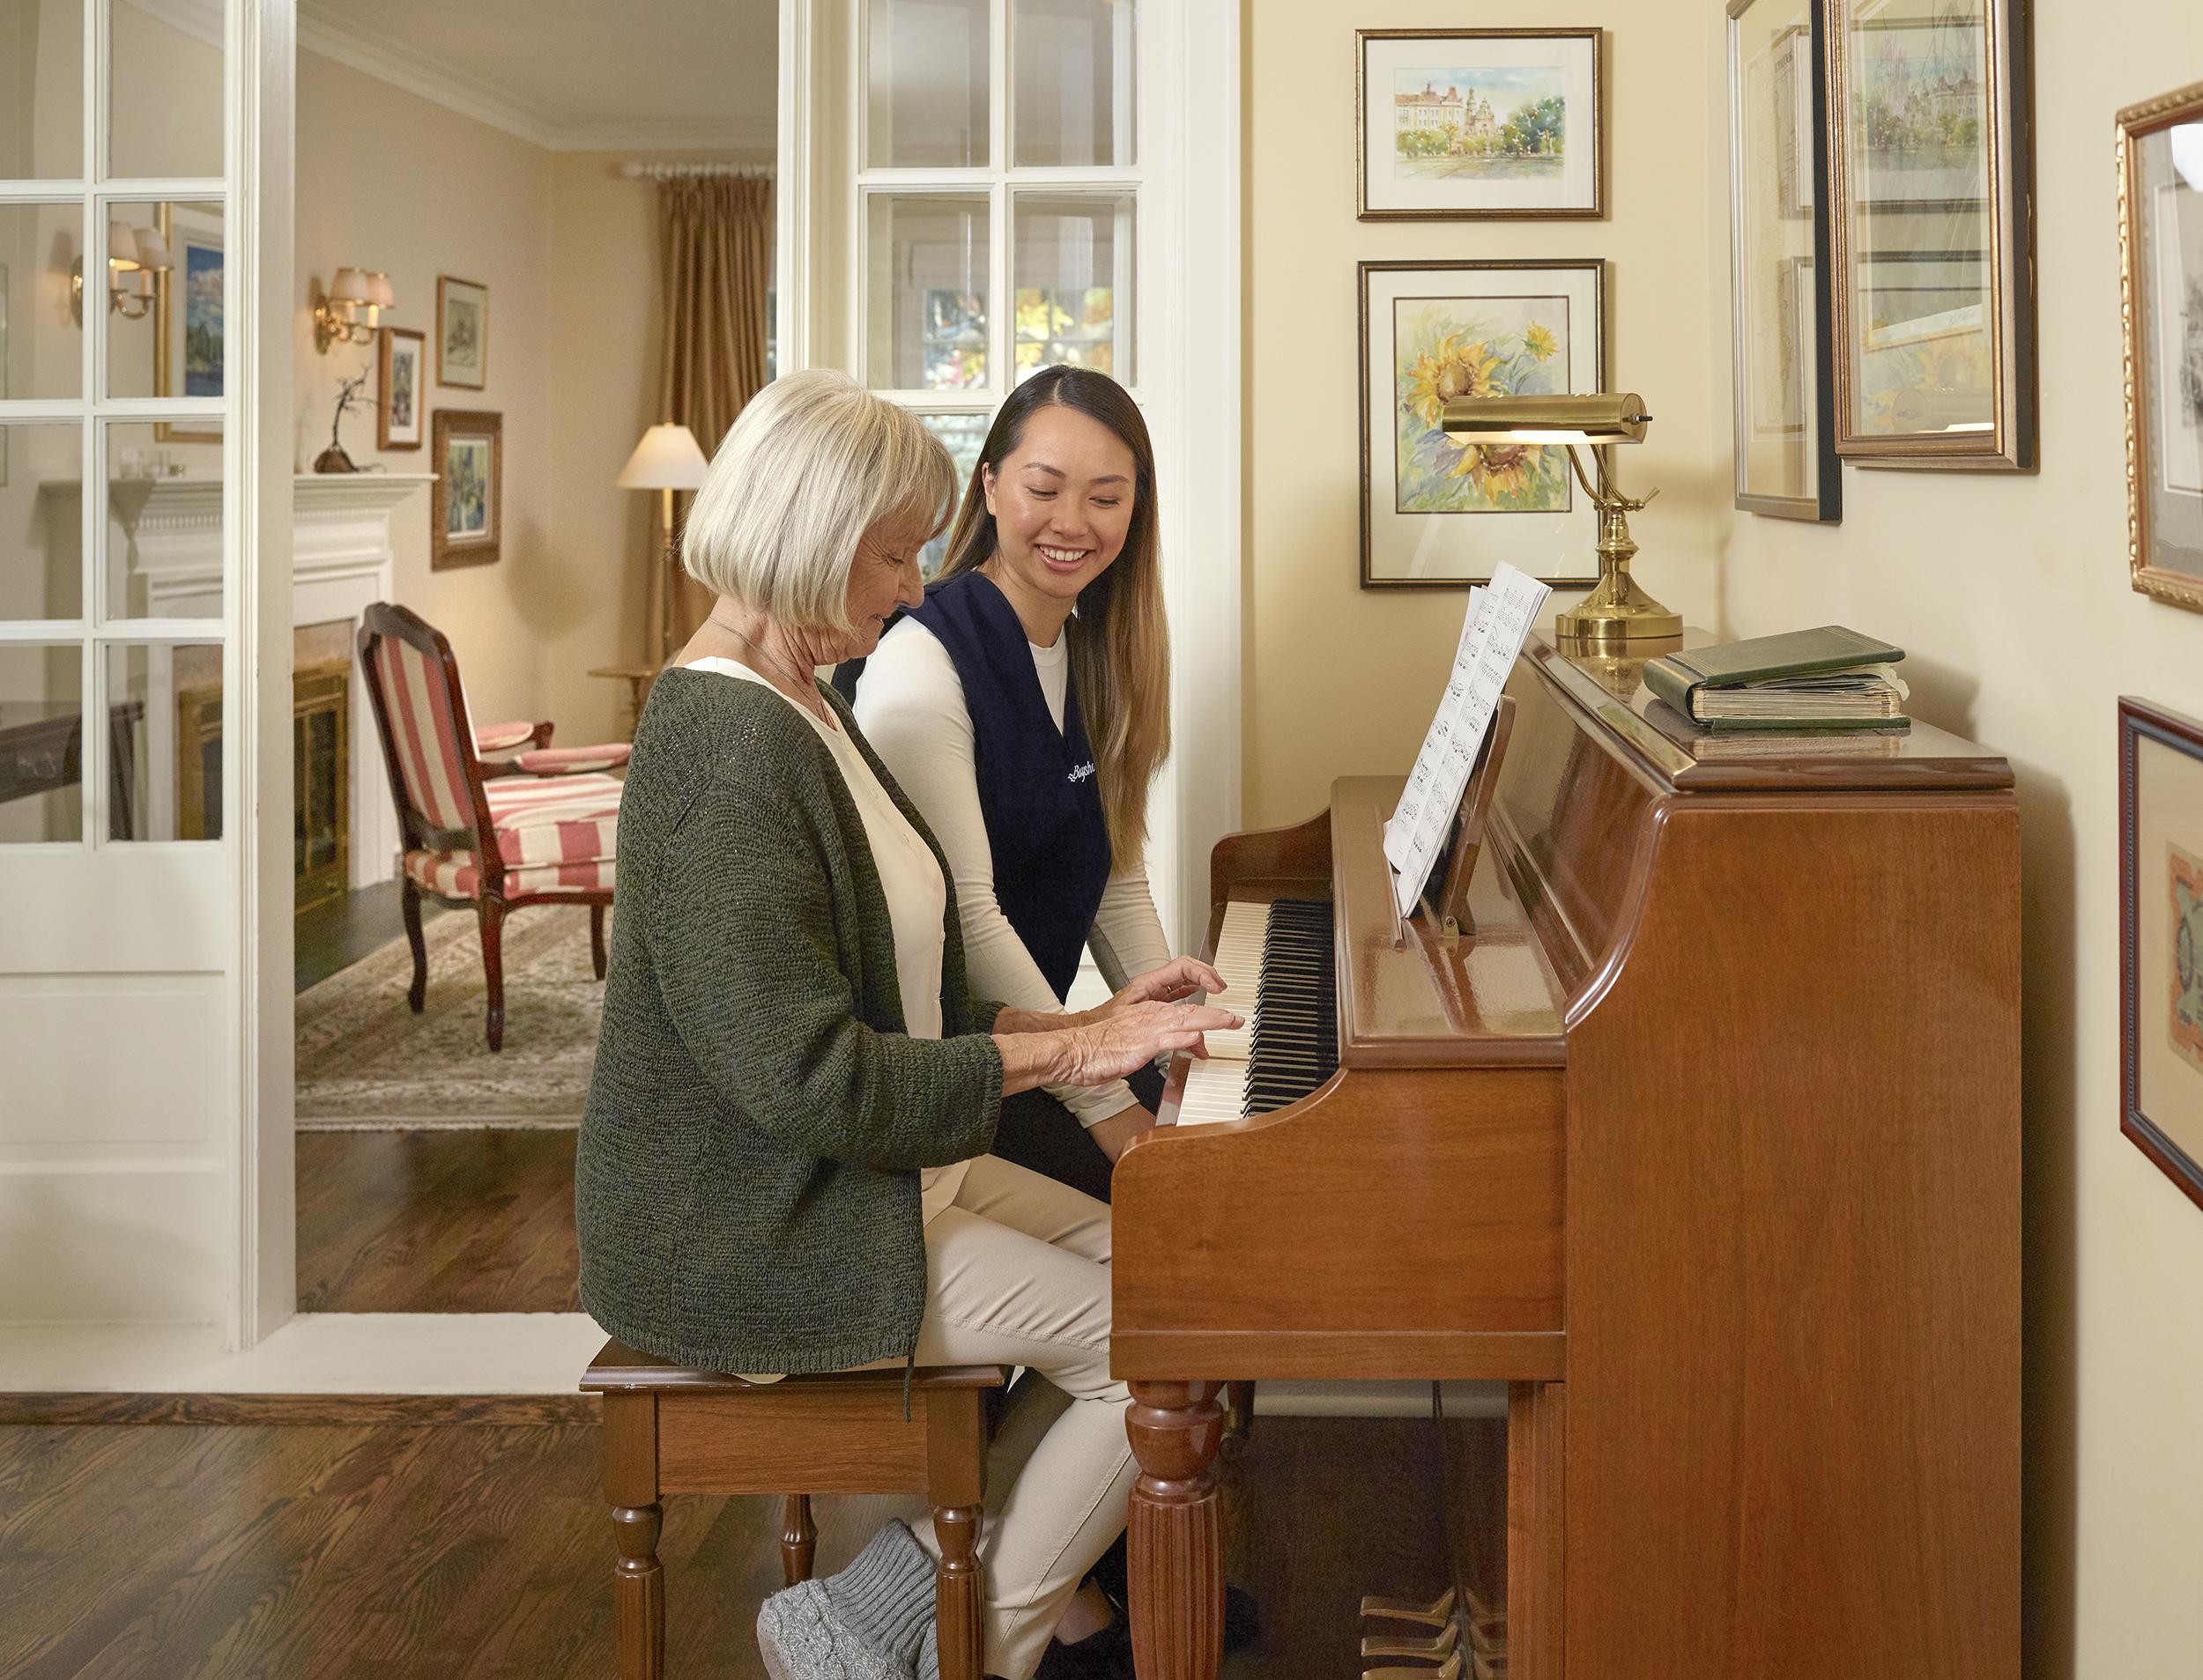 Les petites choses que les soignantes et soignants font pour les personnes âgées